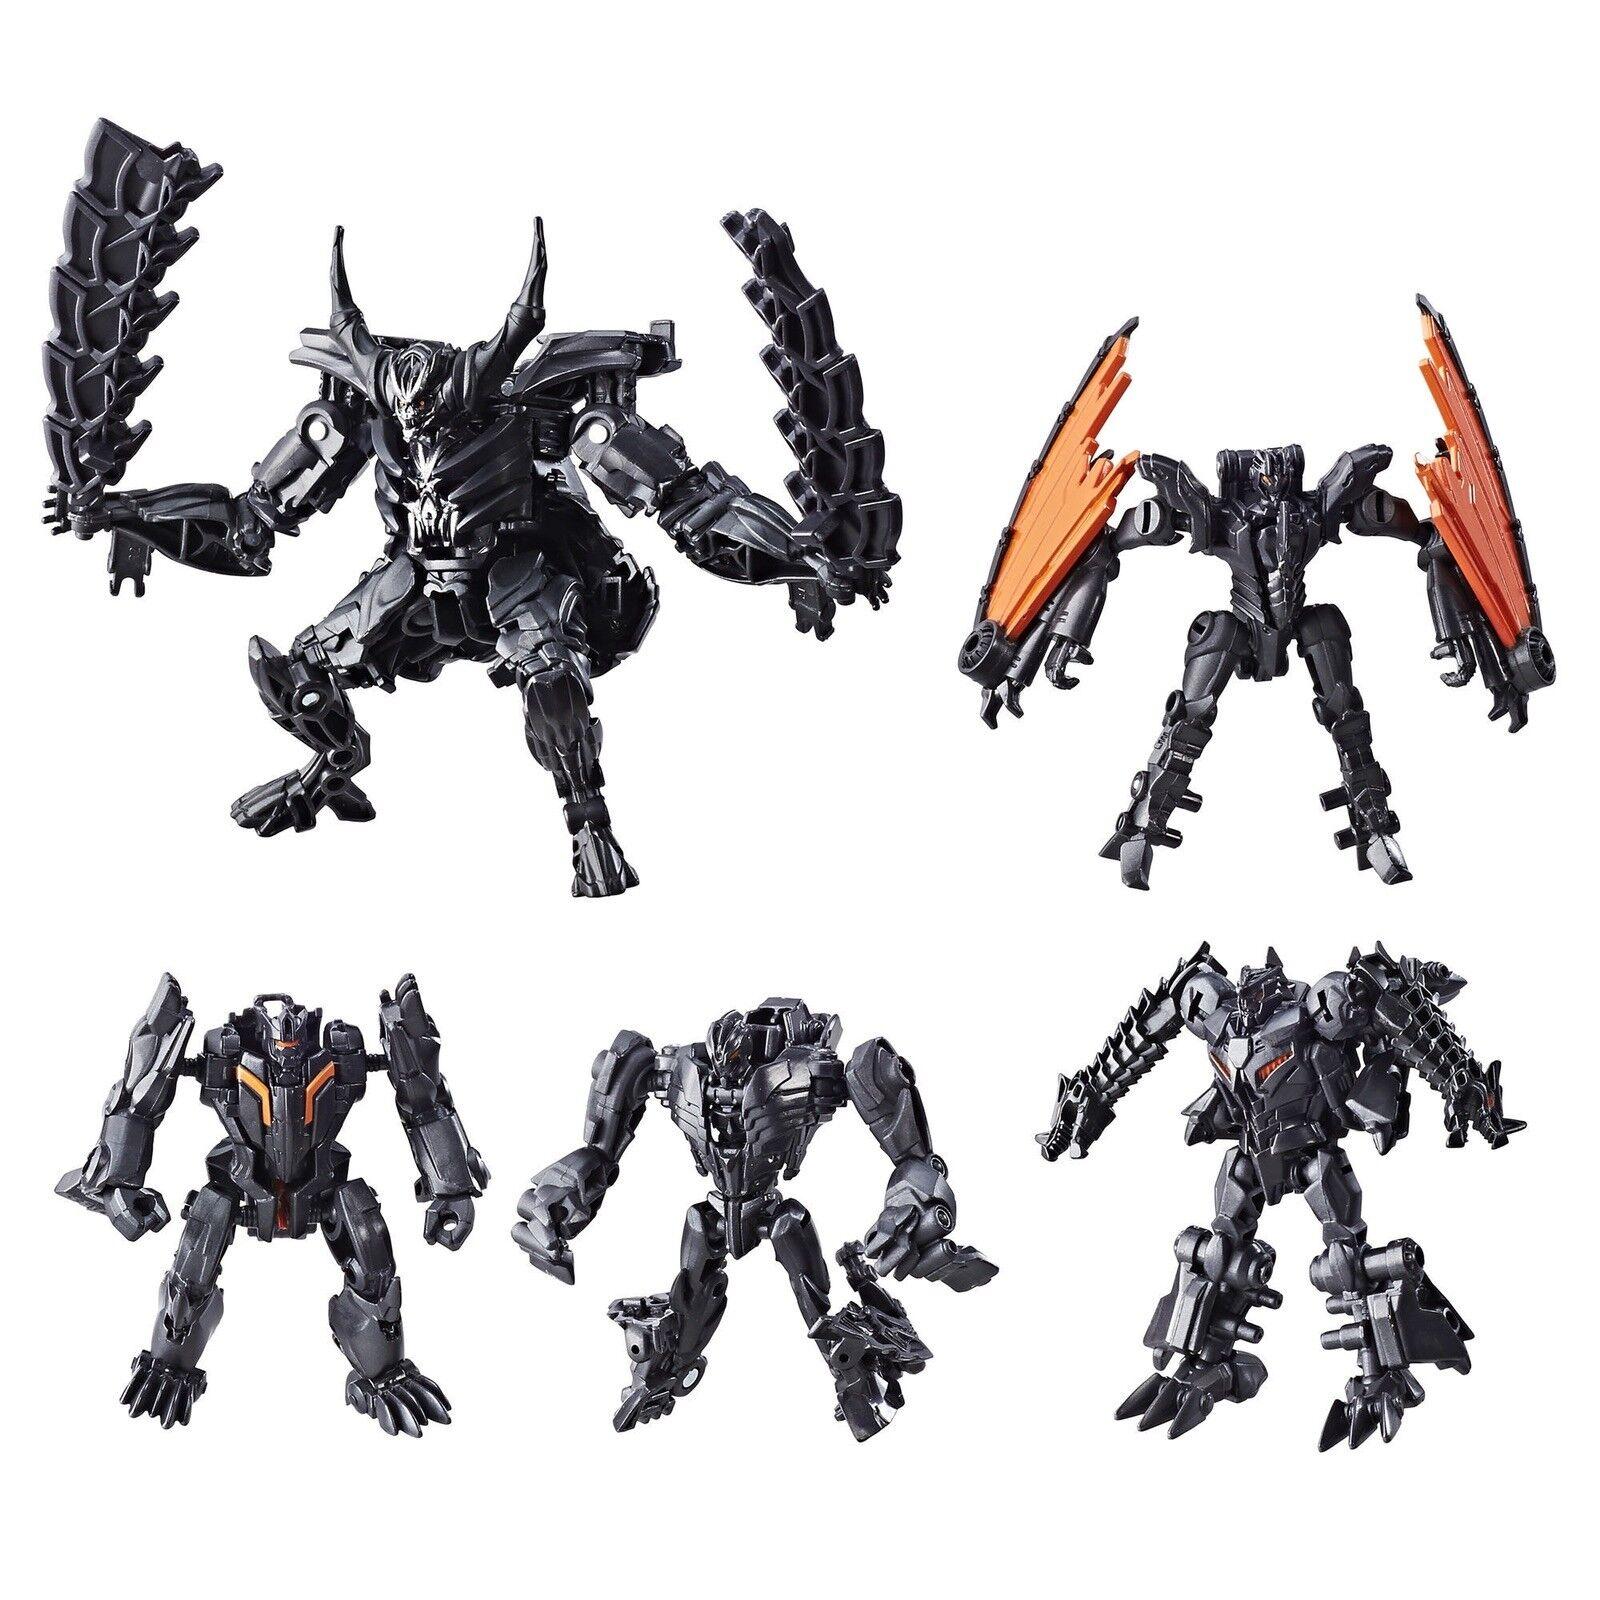 Die transformatoren der letzte ritter toys r us exklusive infernocus & quintessa misb